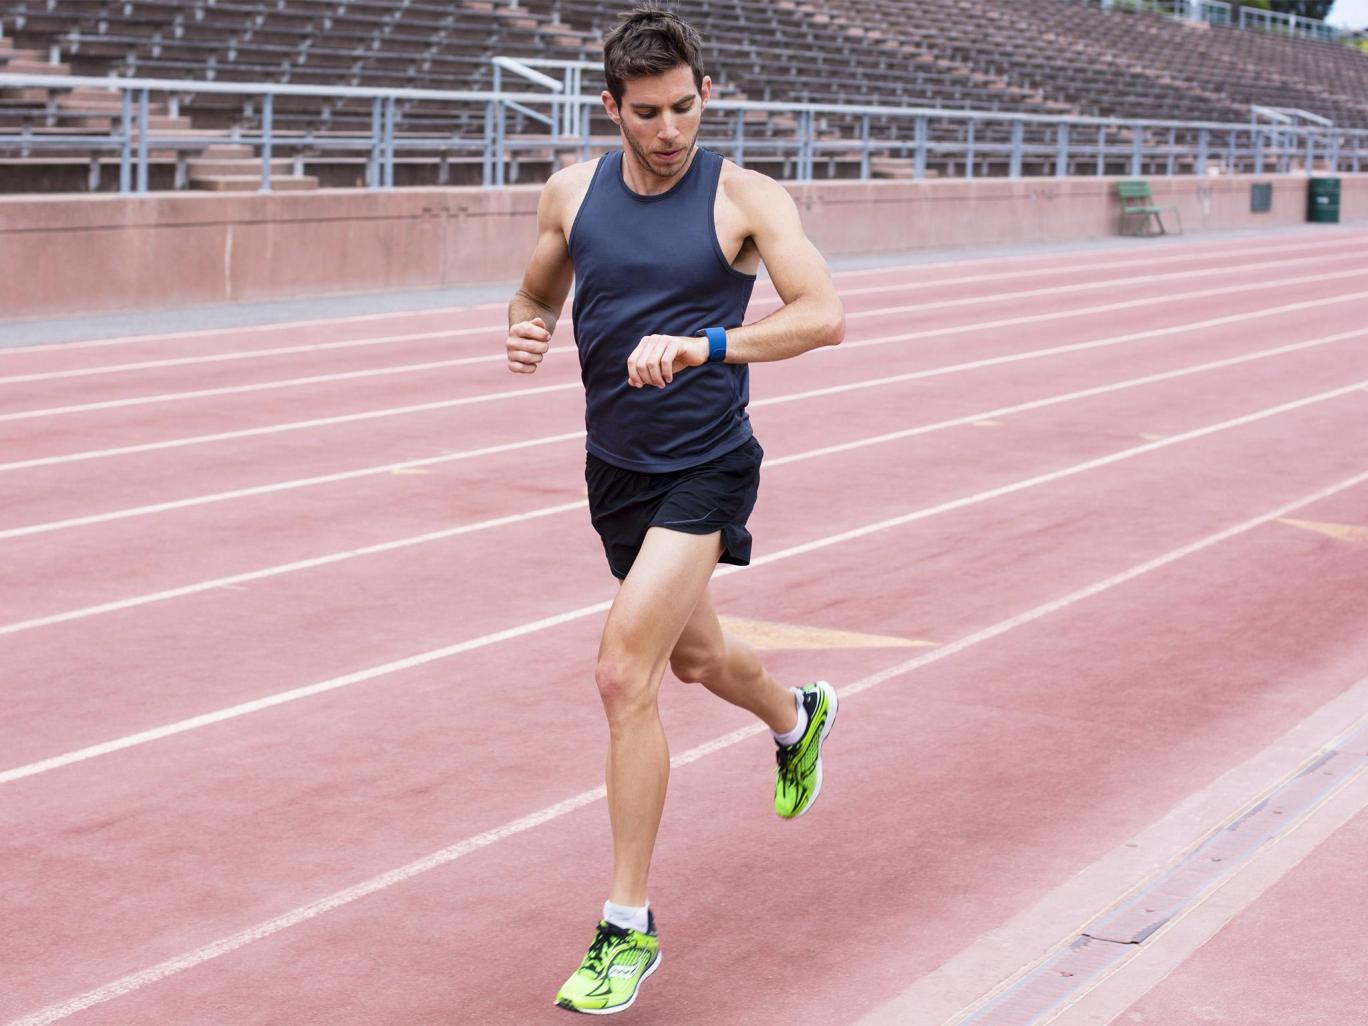 Ứng dụng đếm bước gây nguy hiểm cho sức khỏe?